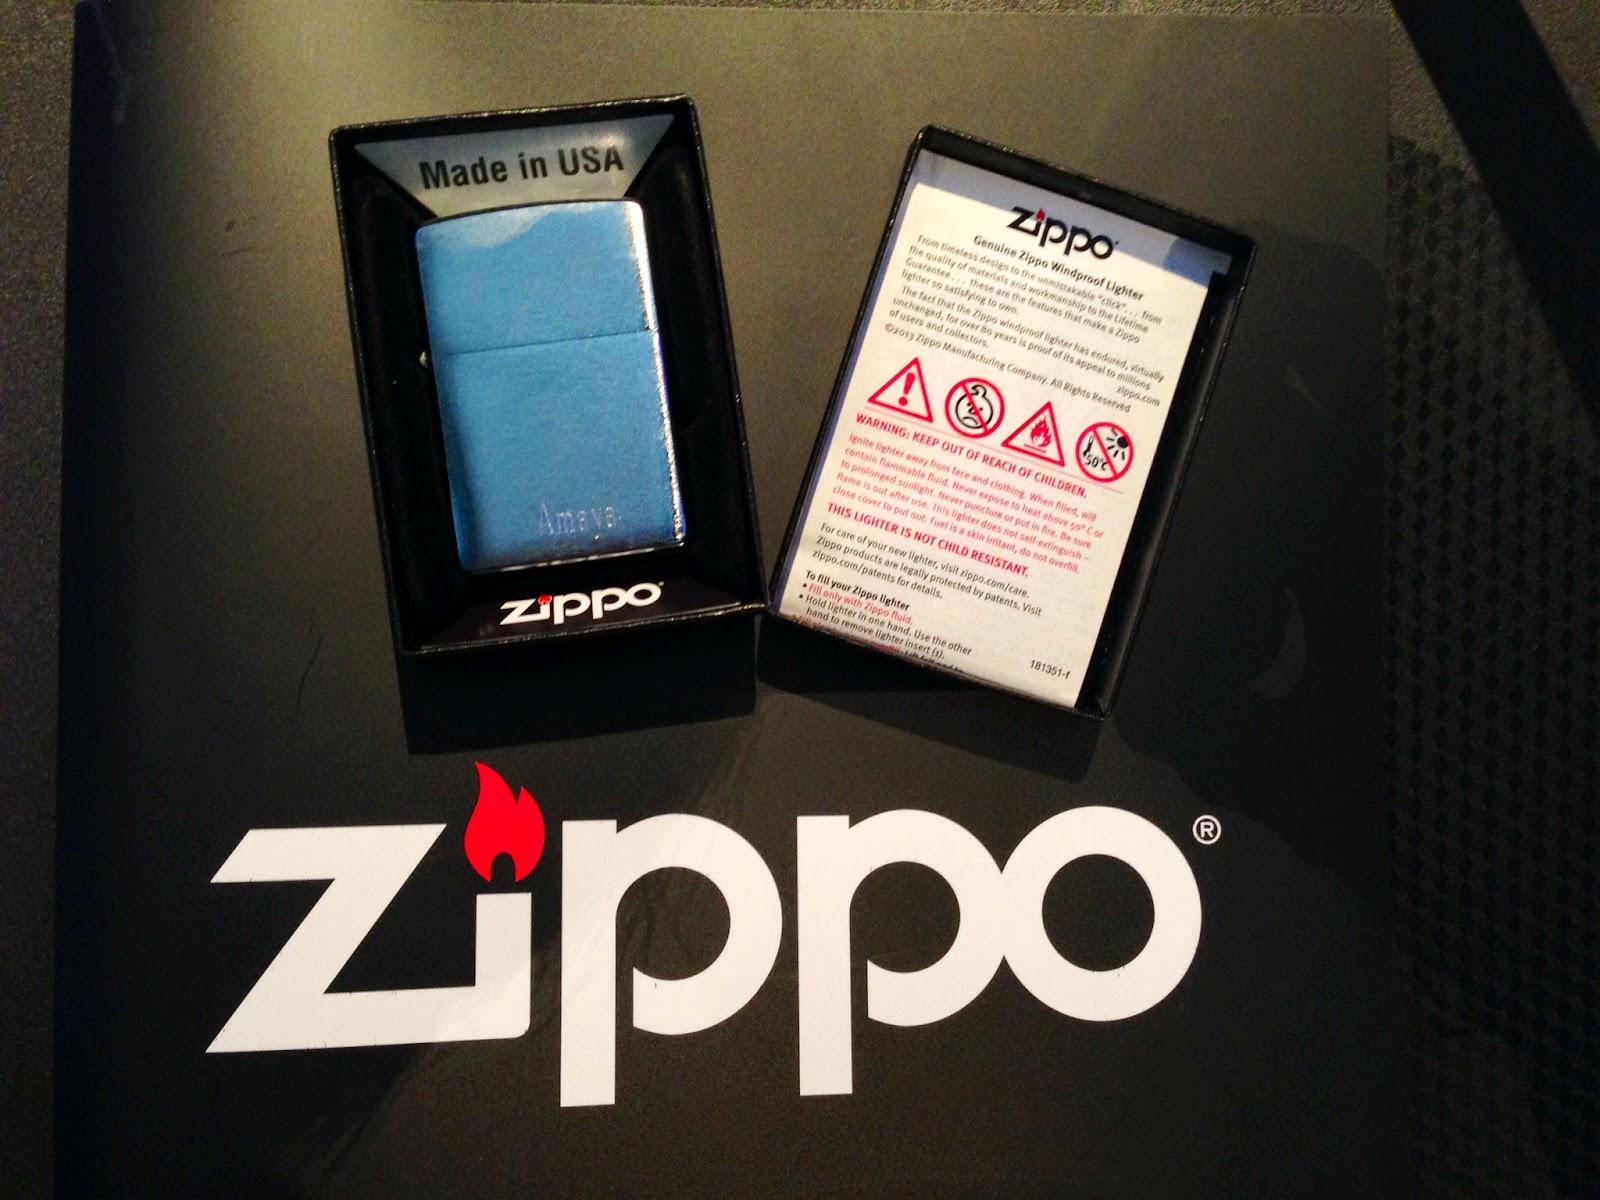 Zippo personalizado para la prensa que asistió a la presentación en Madrid